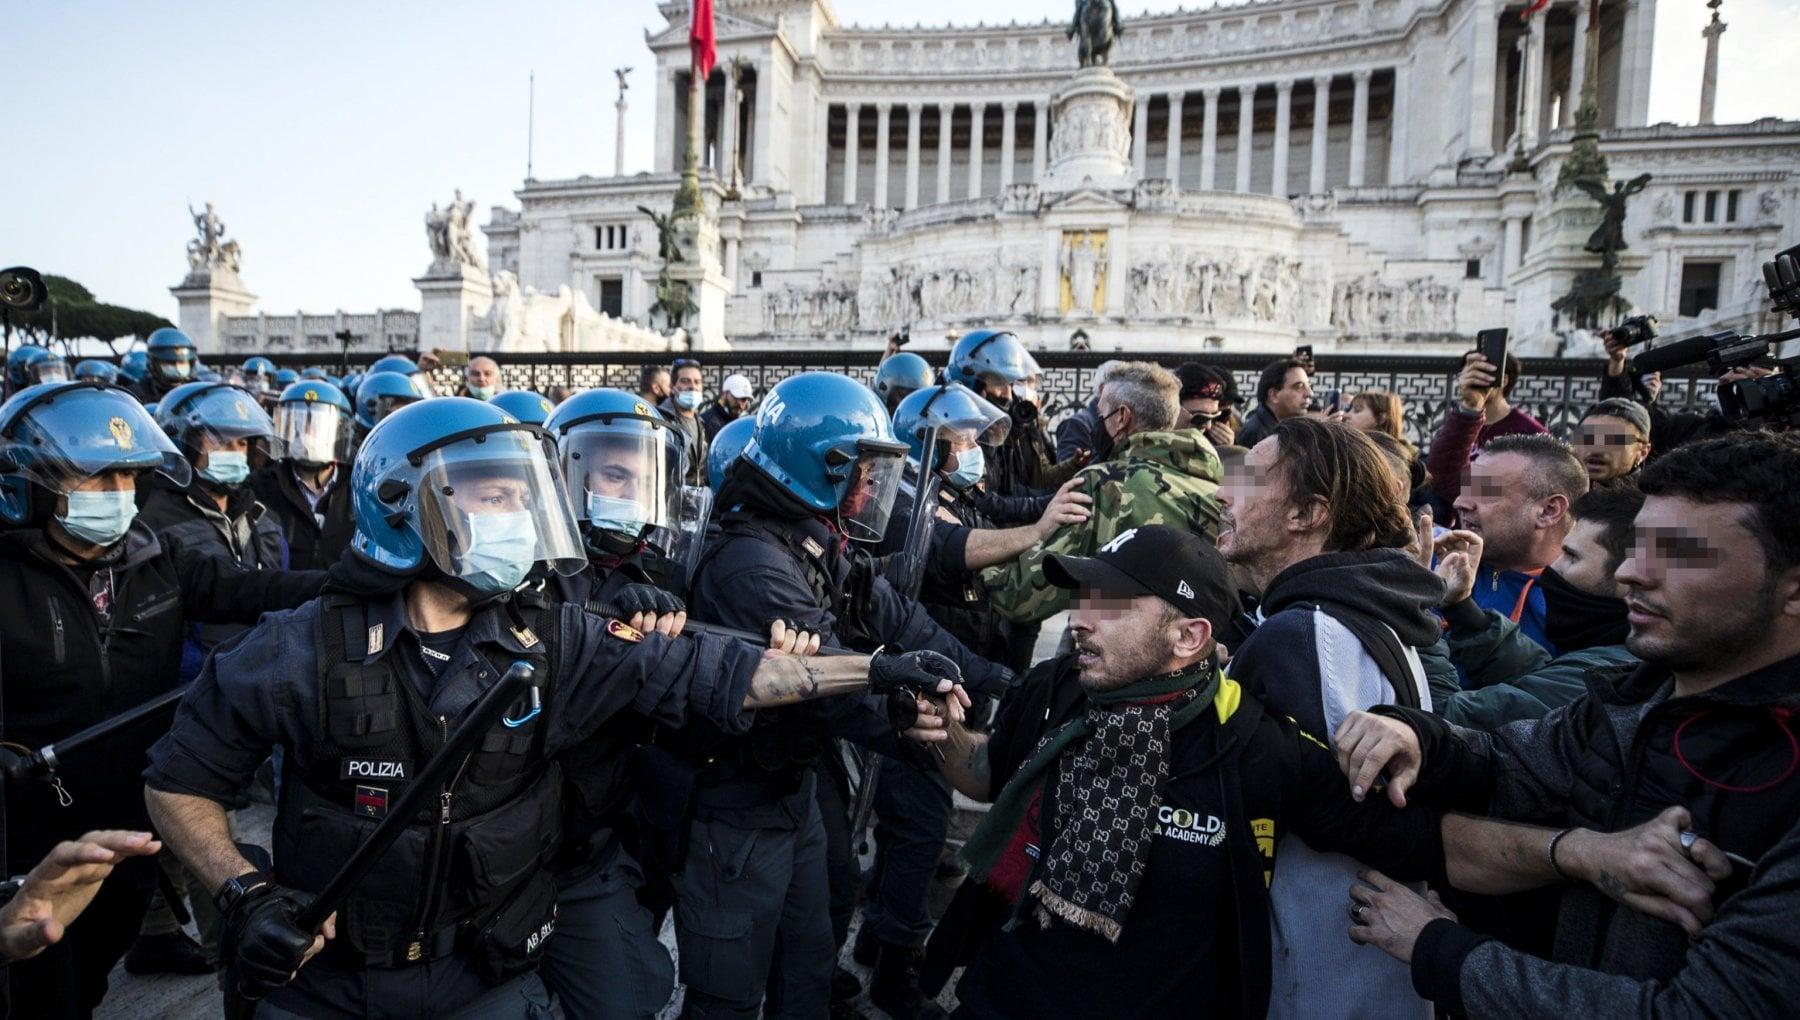 Roma in piazza Venezia la manifestazione non autorizzata di Forza Nuova e gilet arancioni fermati